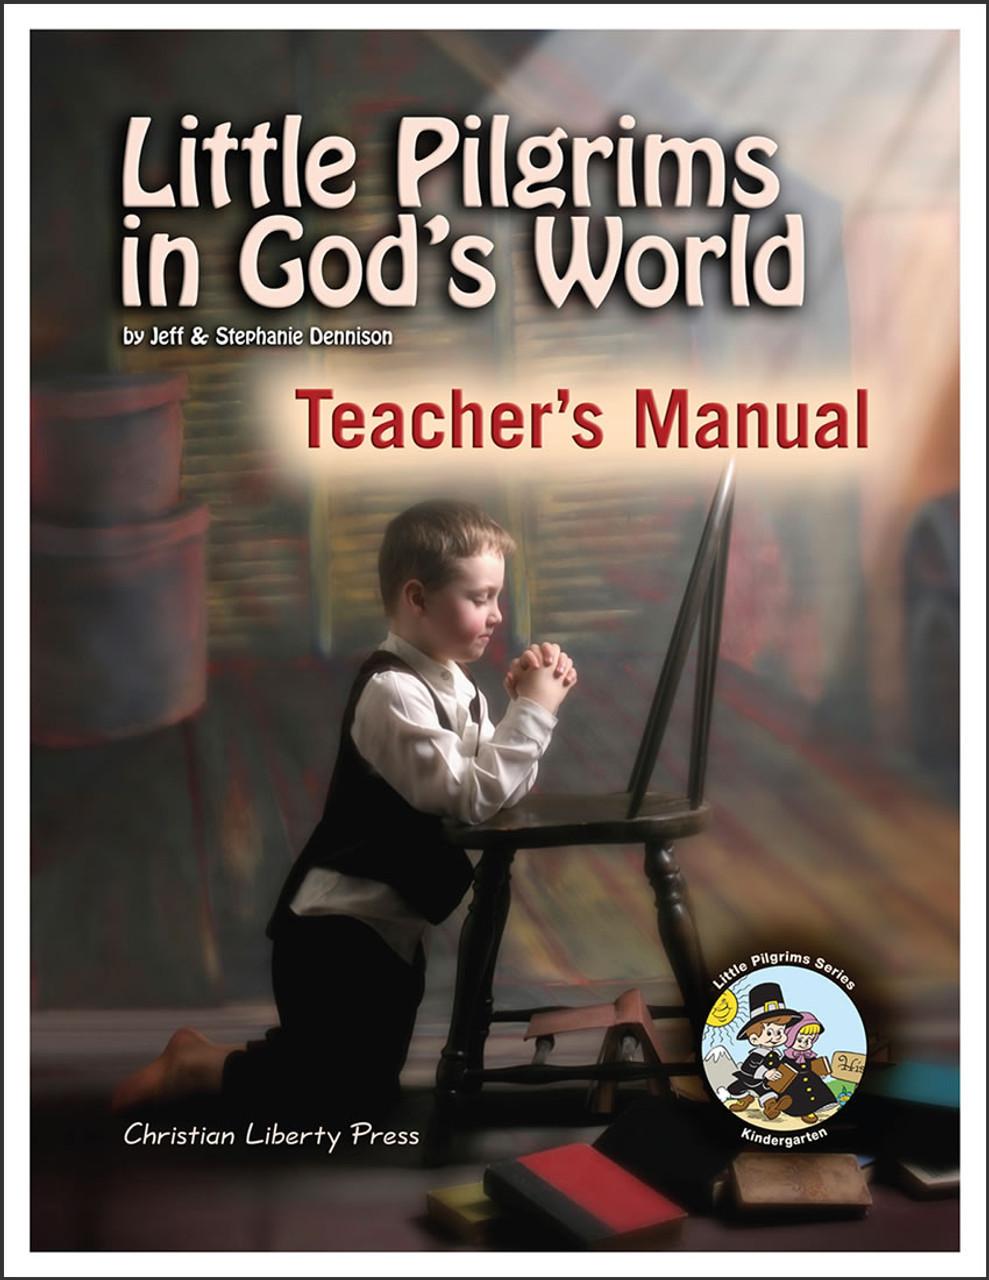 Little Pilgrims in God's World - Teacher's Manual